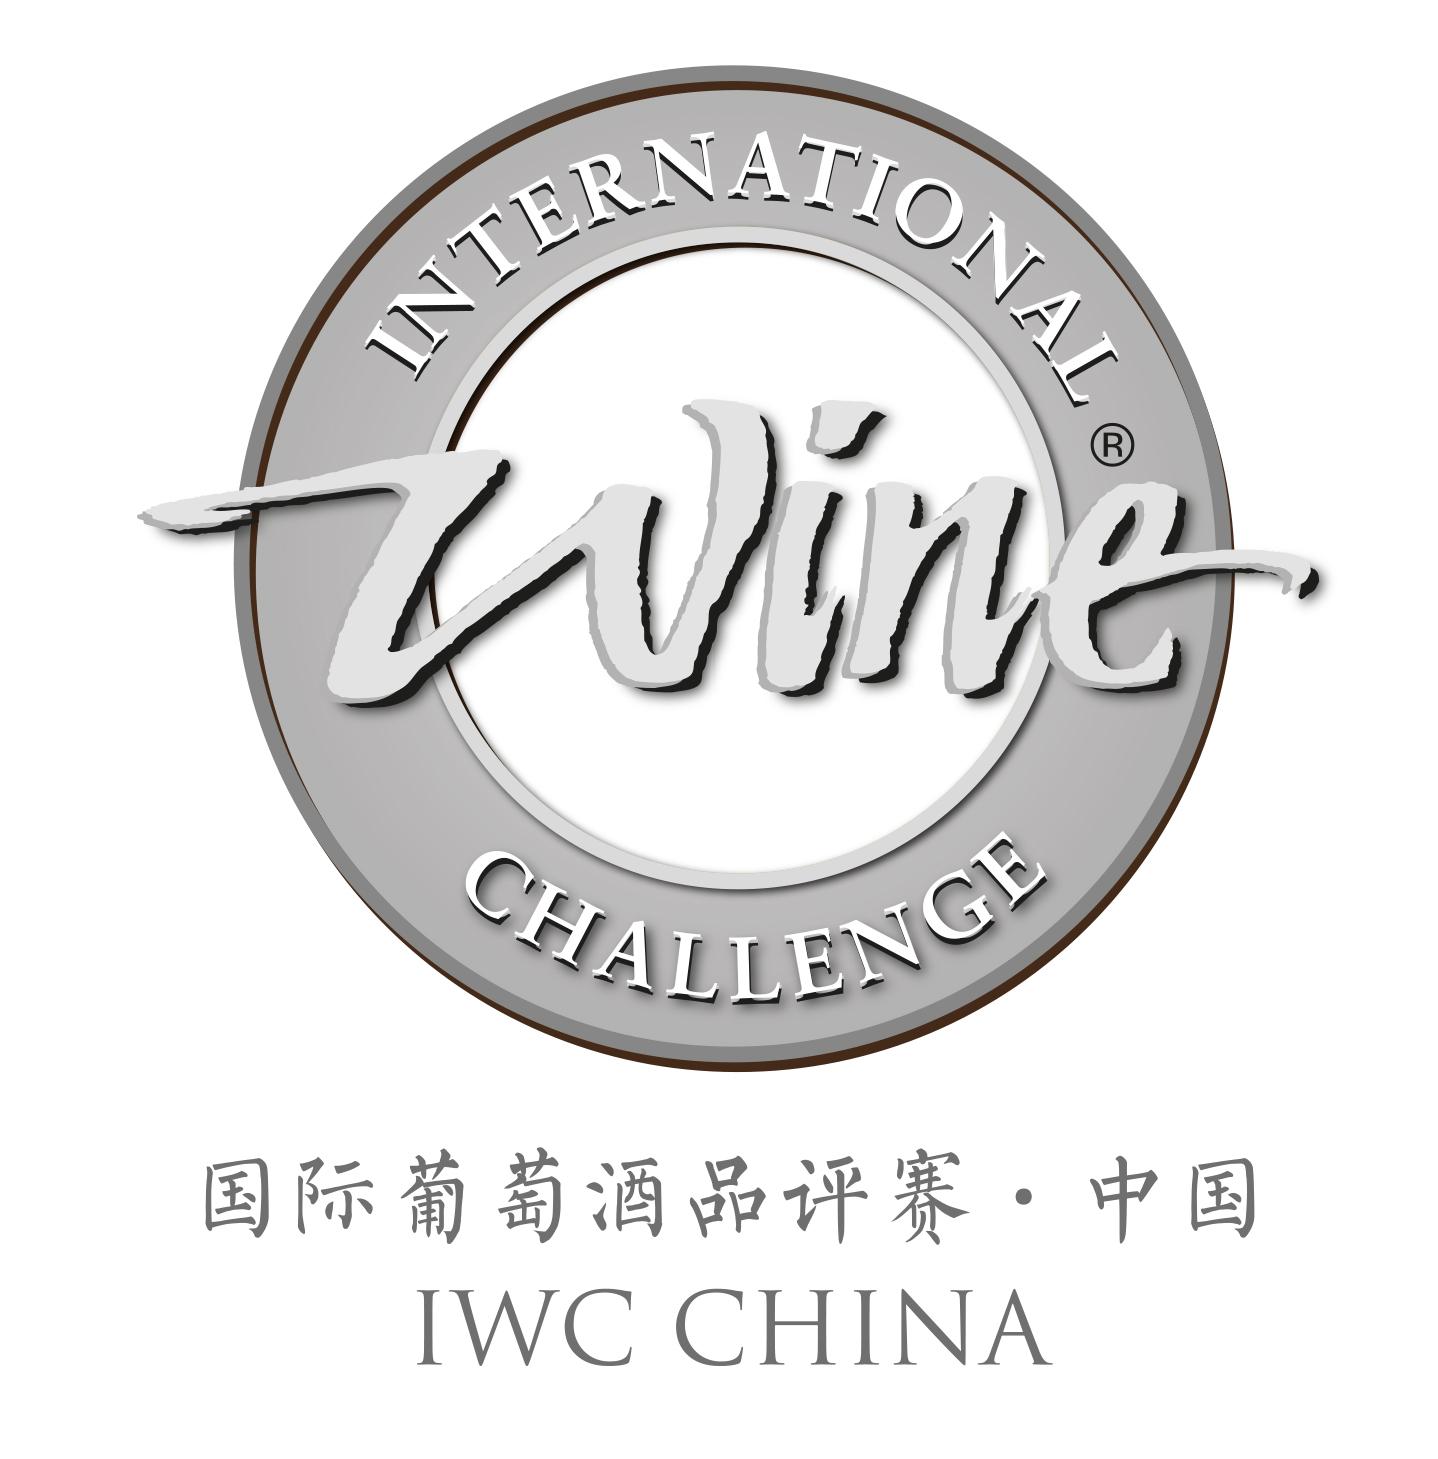 国际葡萄酒品评赛(IWC)正式落户中国!